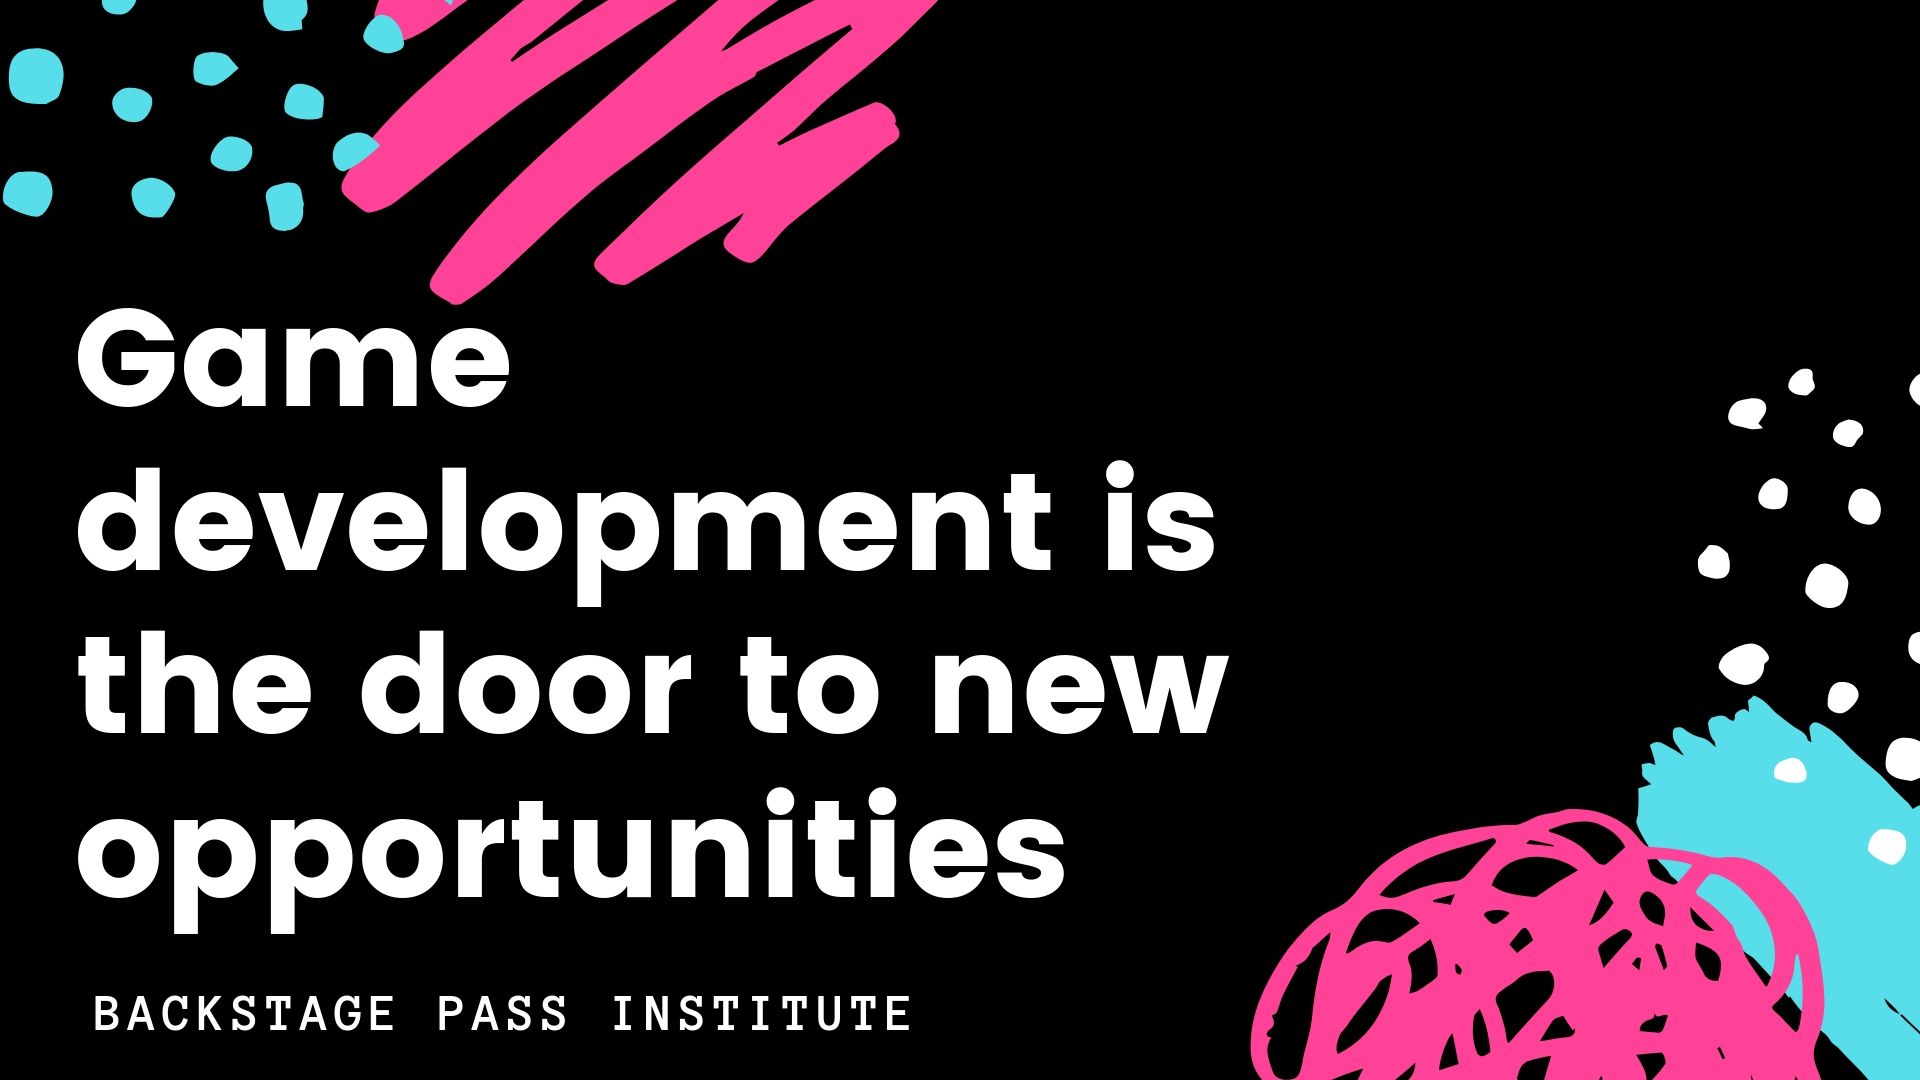 Game development is the door to new opportunities